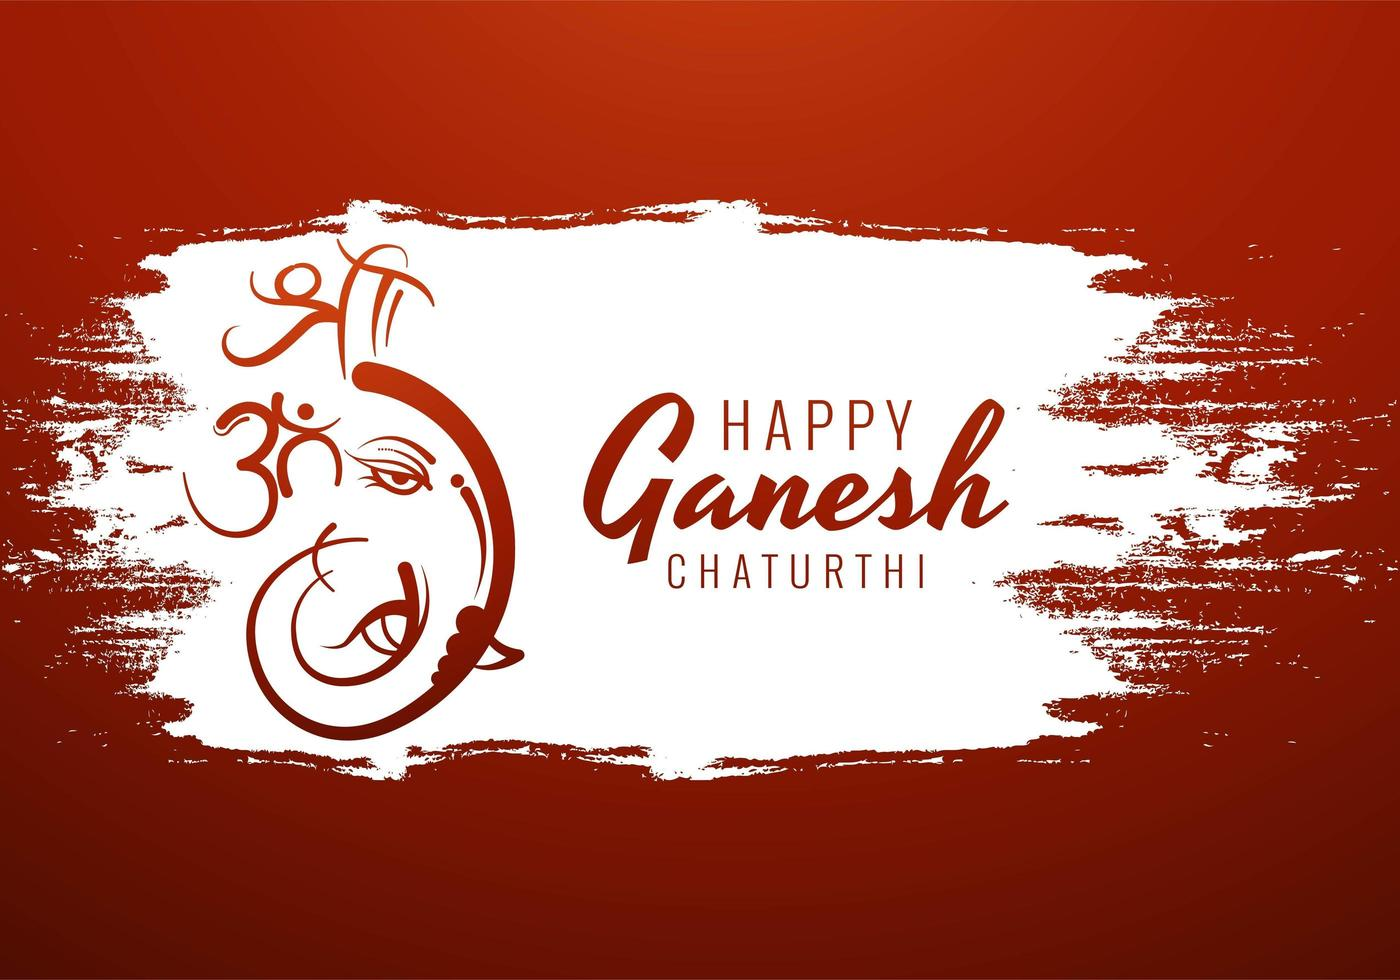 carte de festival joyeux ganesh chaturthi rouge, blanc vecteur